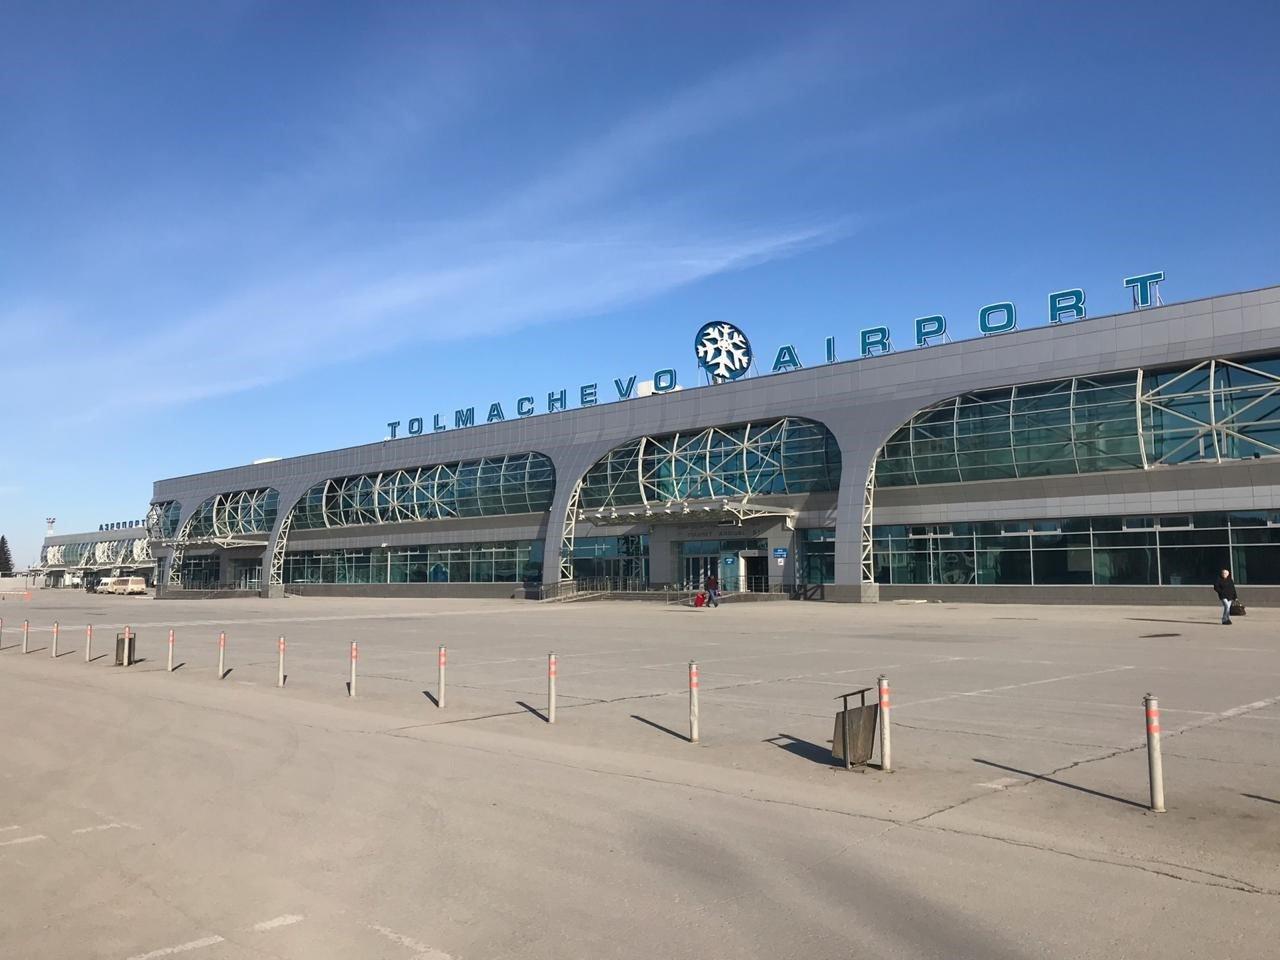 Сектор Б пассажирского терминала аэропорта Толмачево